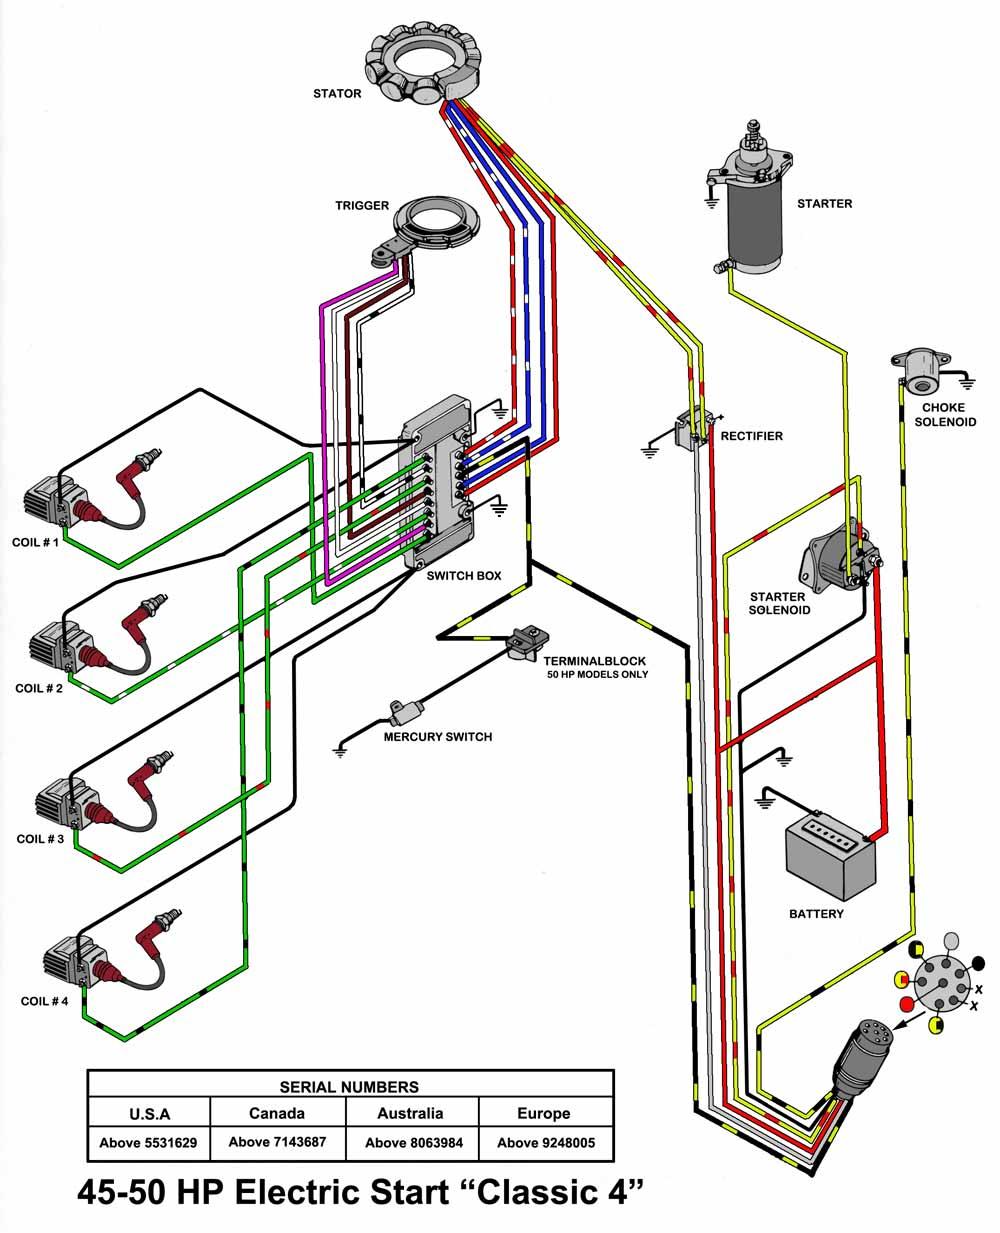 1965 Mercury 650 Wiring Diagram - 1999 F 350 7 3 Liter Wiring Harness  Diagram for Wiring Diagram SchematicsWiring Diagram Schematics